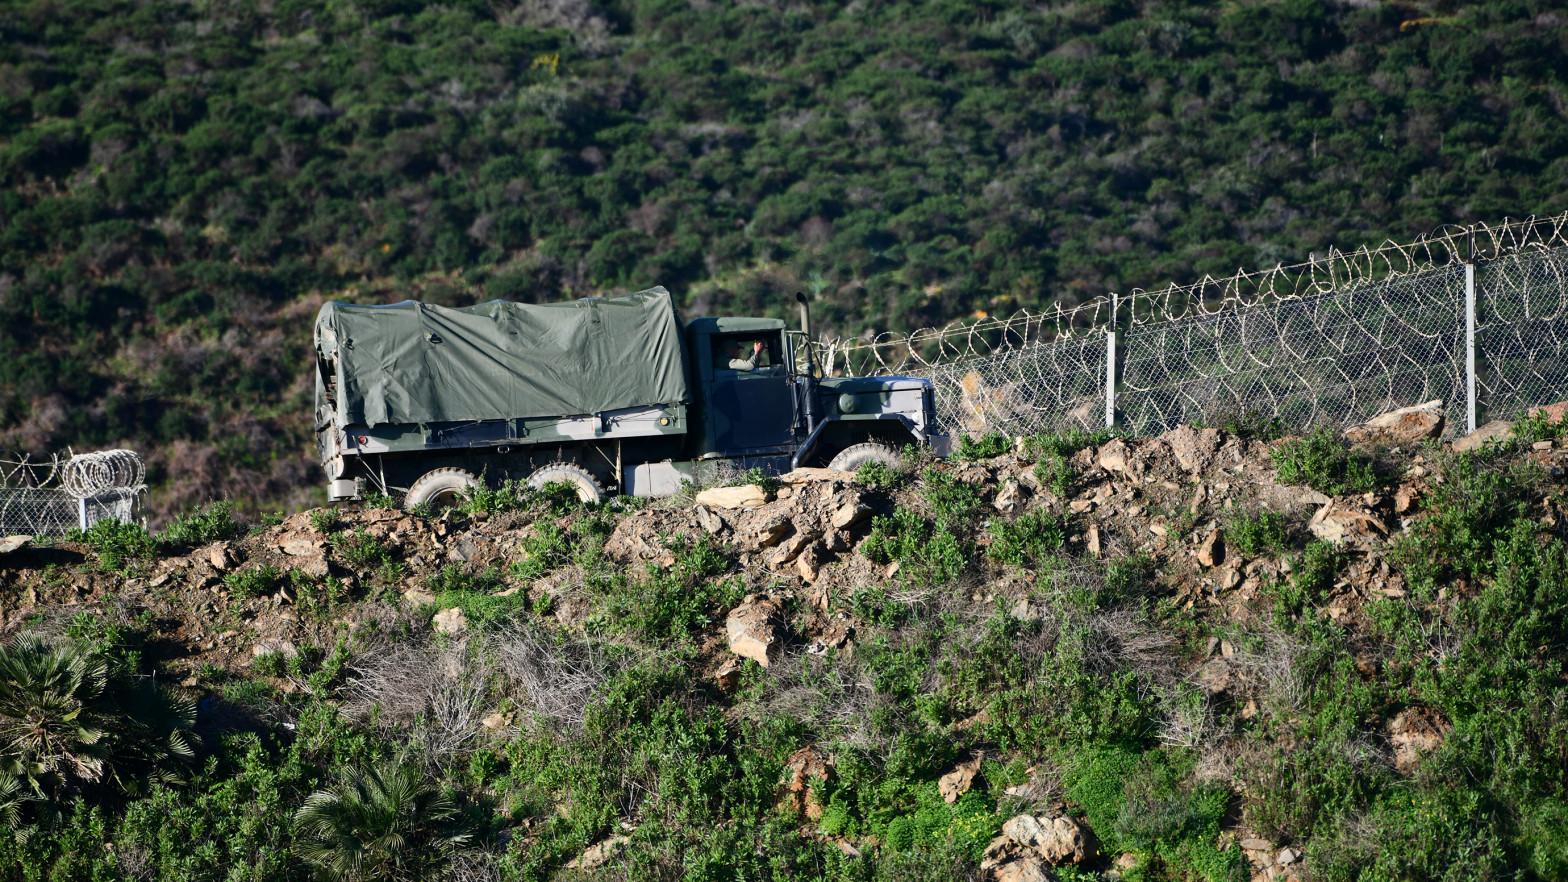 España ha vendido armas al Ejército marroquí por valor de más de 87 millones de euros durante los últimos 5 años